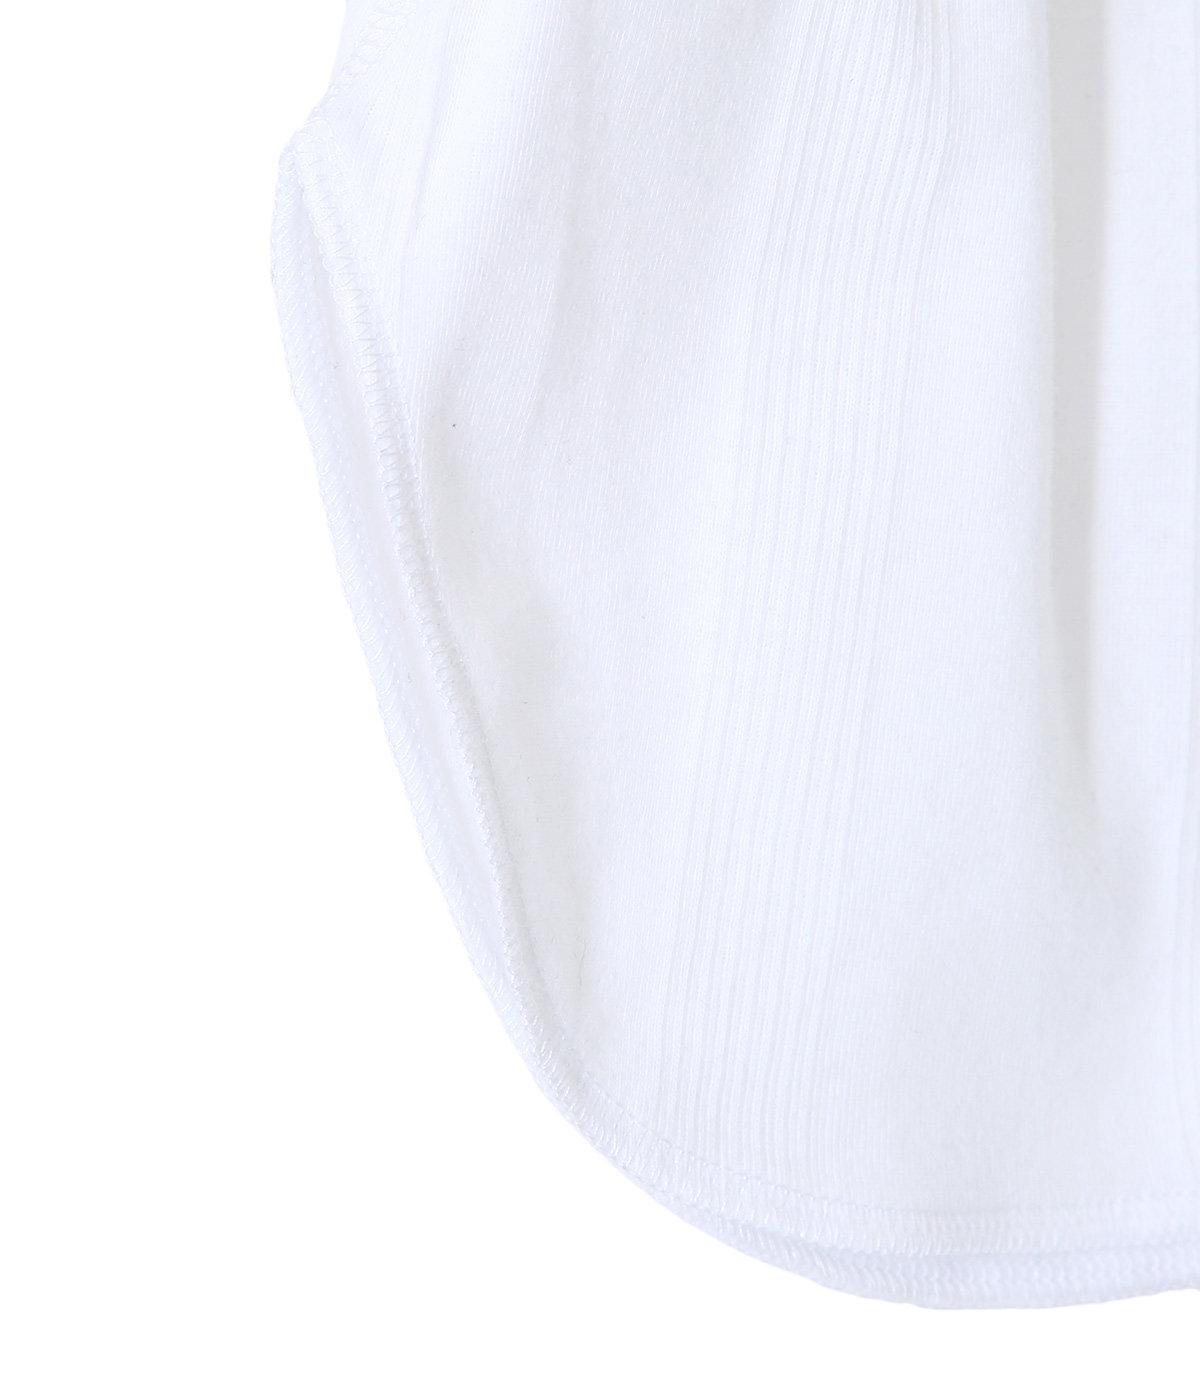 パネルリブ ラウンド裾タンクトップ